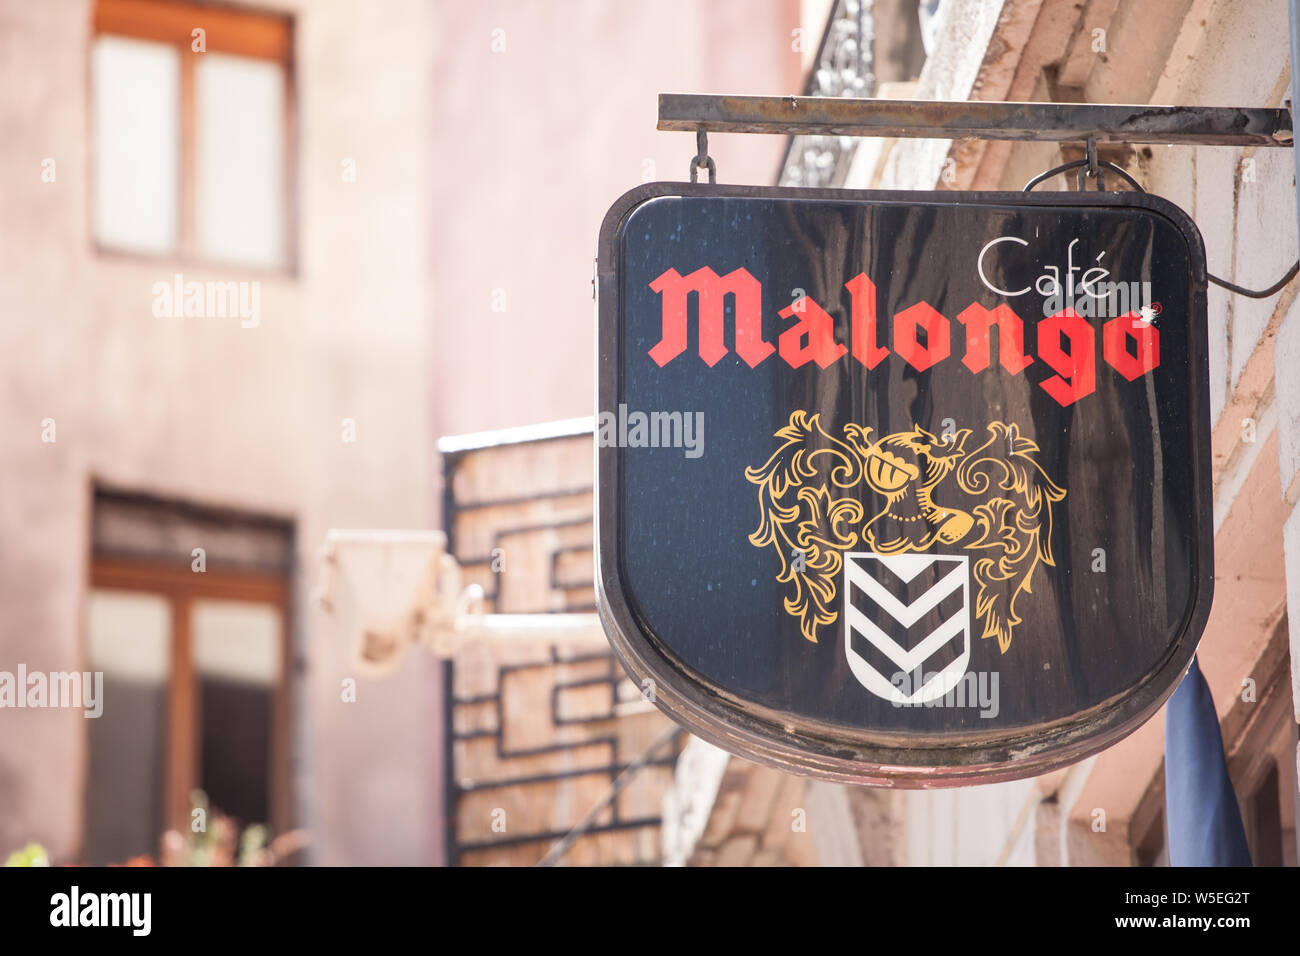 LYON, FRANCE - JULY 14, 2019: Cafe Malongo logo on a cafe